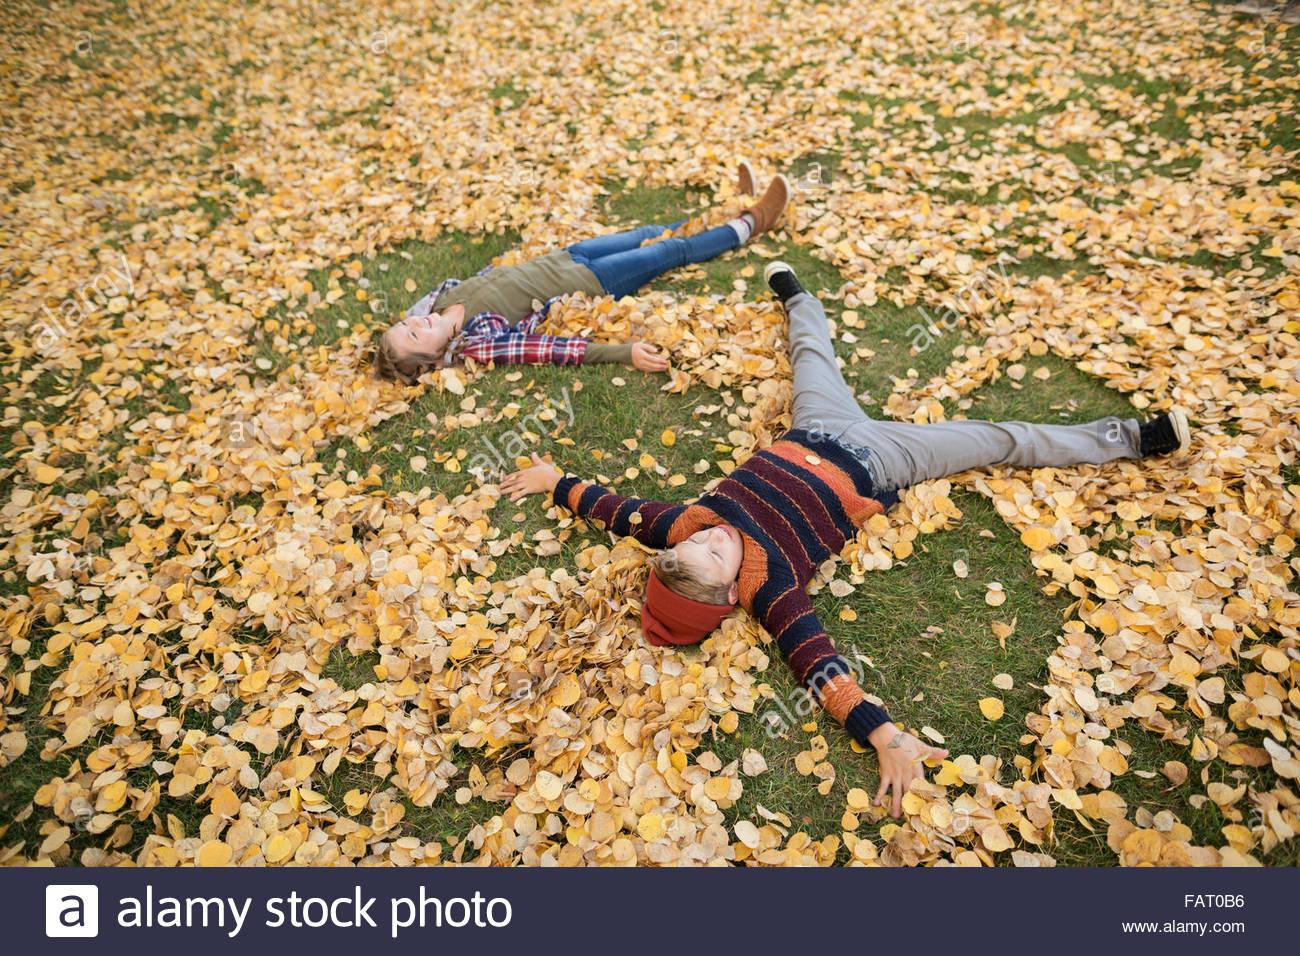 Frère et soeur de faire des anges dans les feuilles d'automne Photo Stock